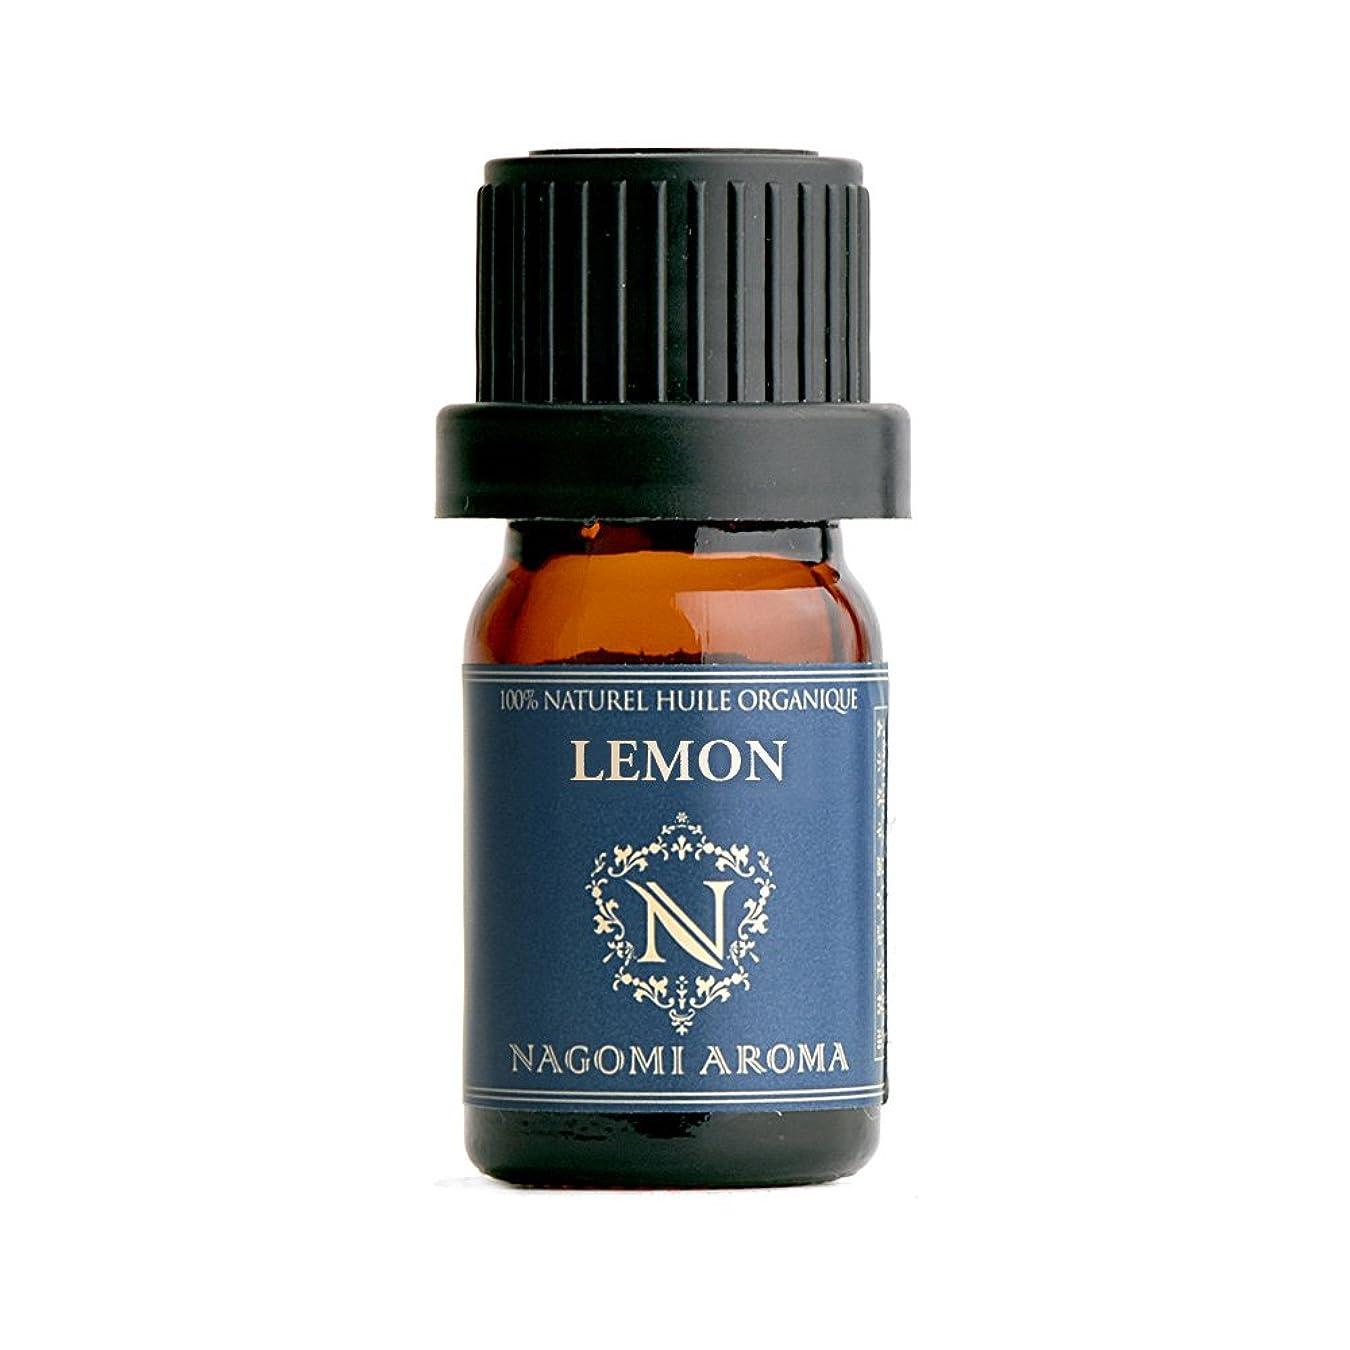 気取らない忙しい固有のNAGOMI AROMA オーガニック レモン 5ml 【AEAJ認定精油】【アロマオイル】